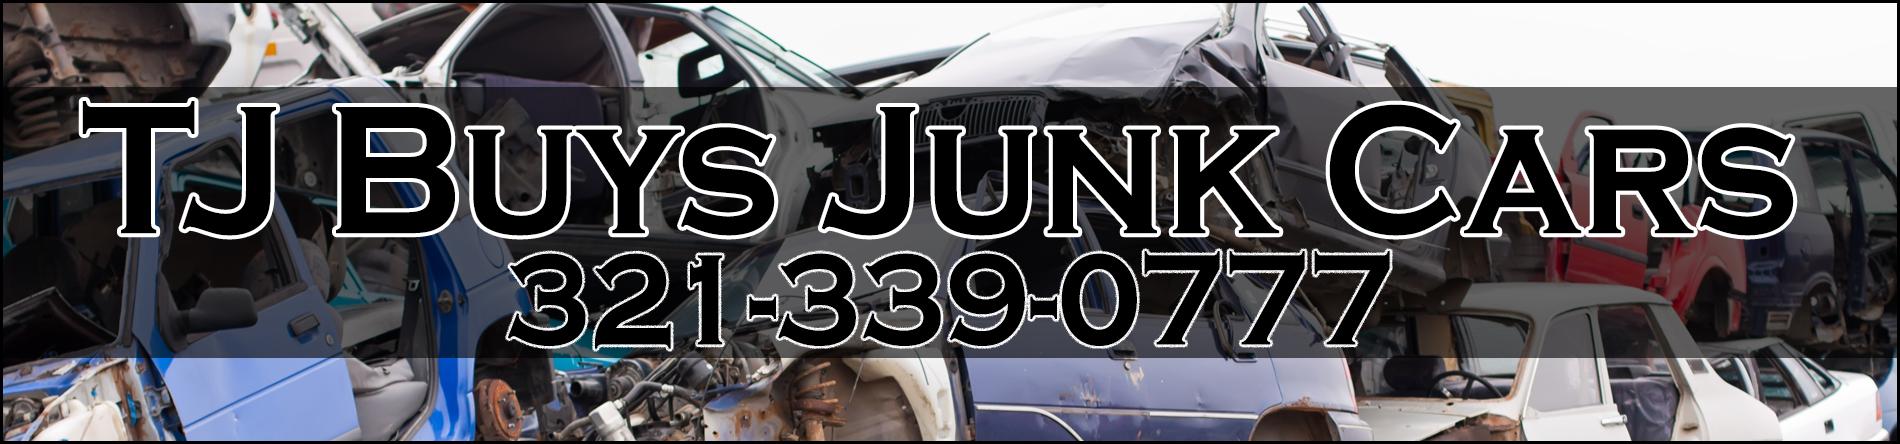 TJ Buys Junk Cars is a Junk Car Buyer in Orlando, FL